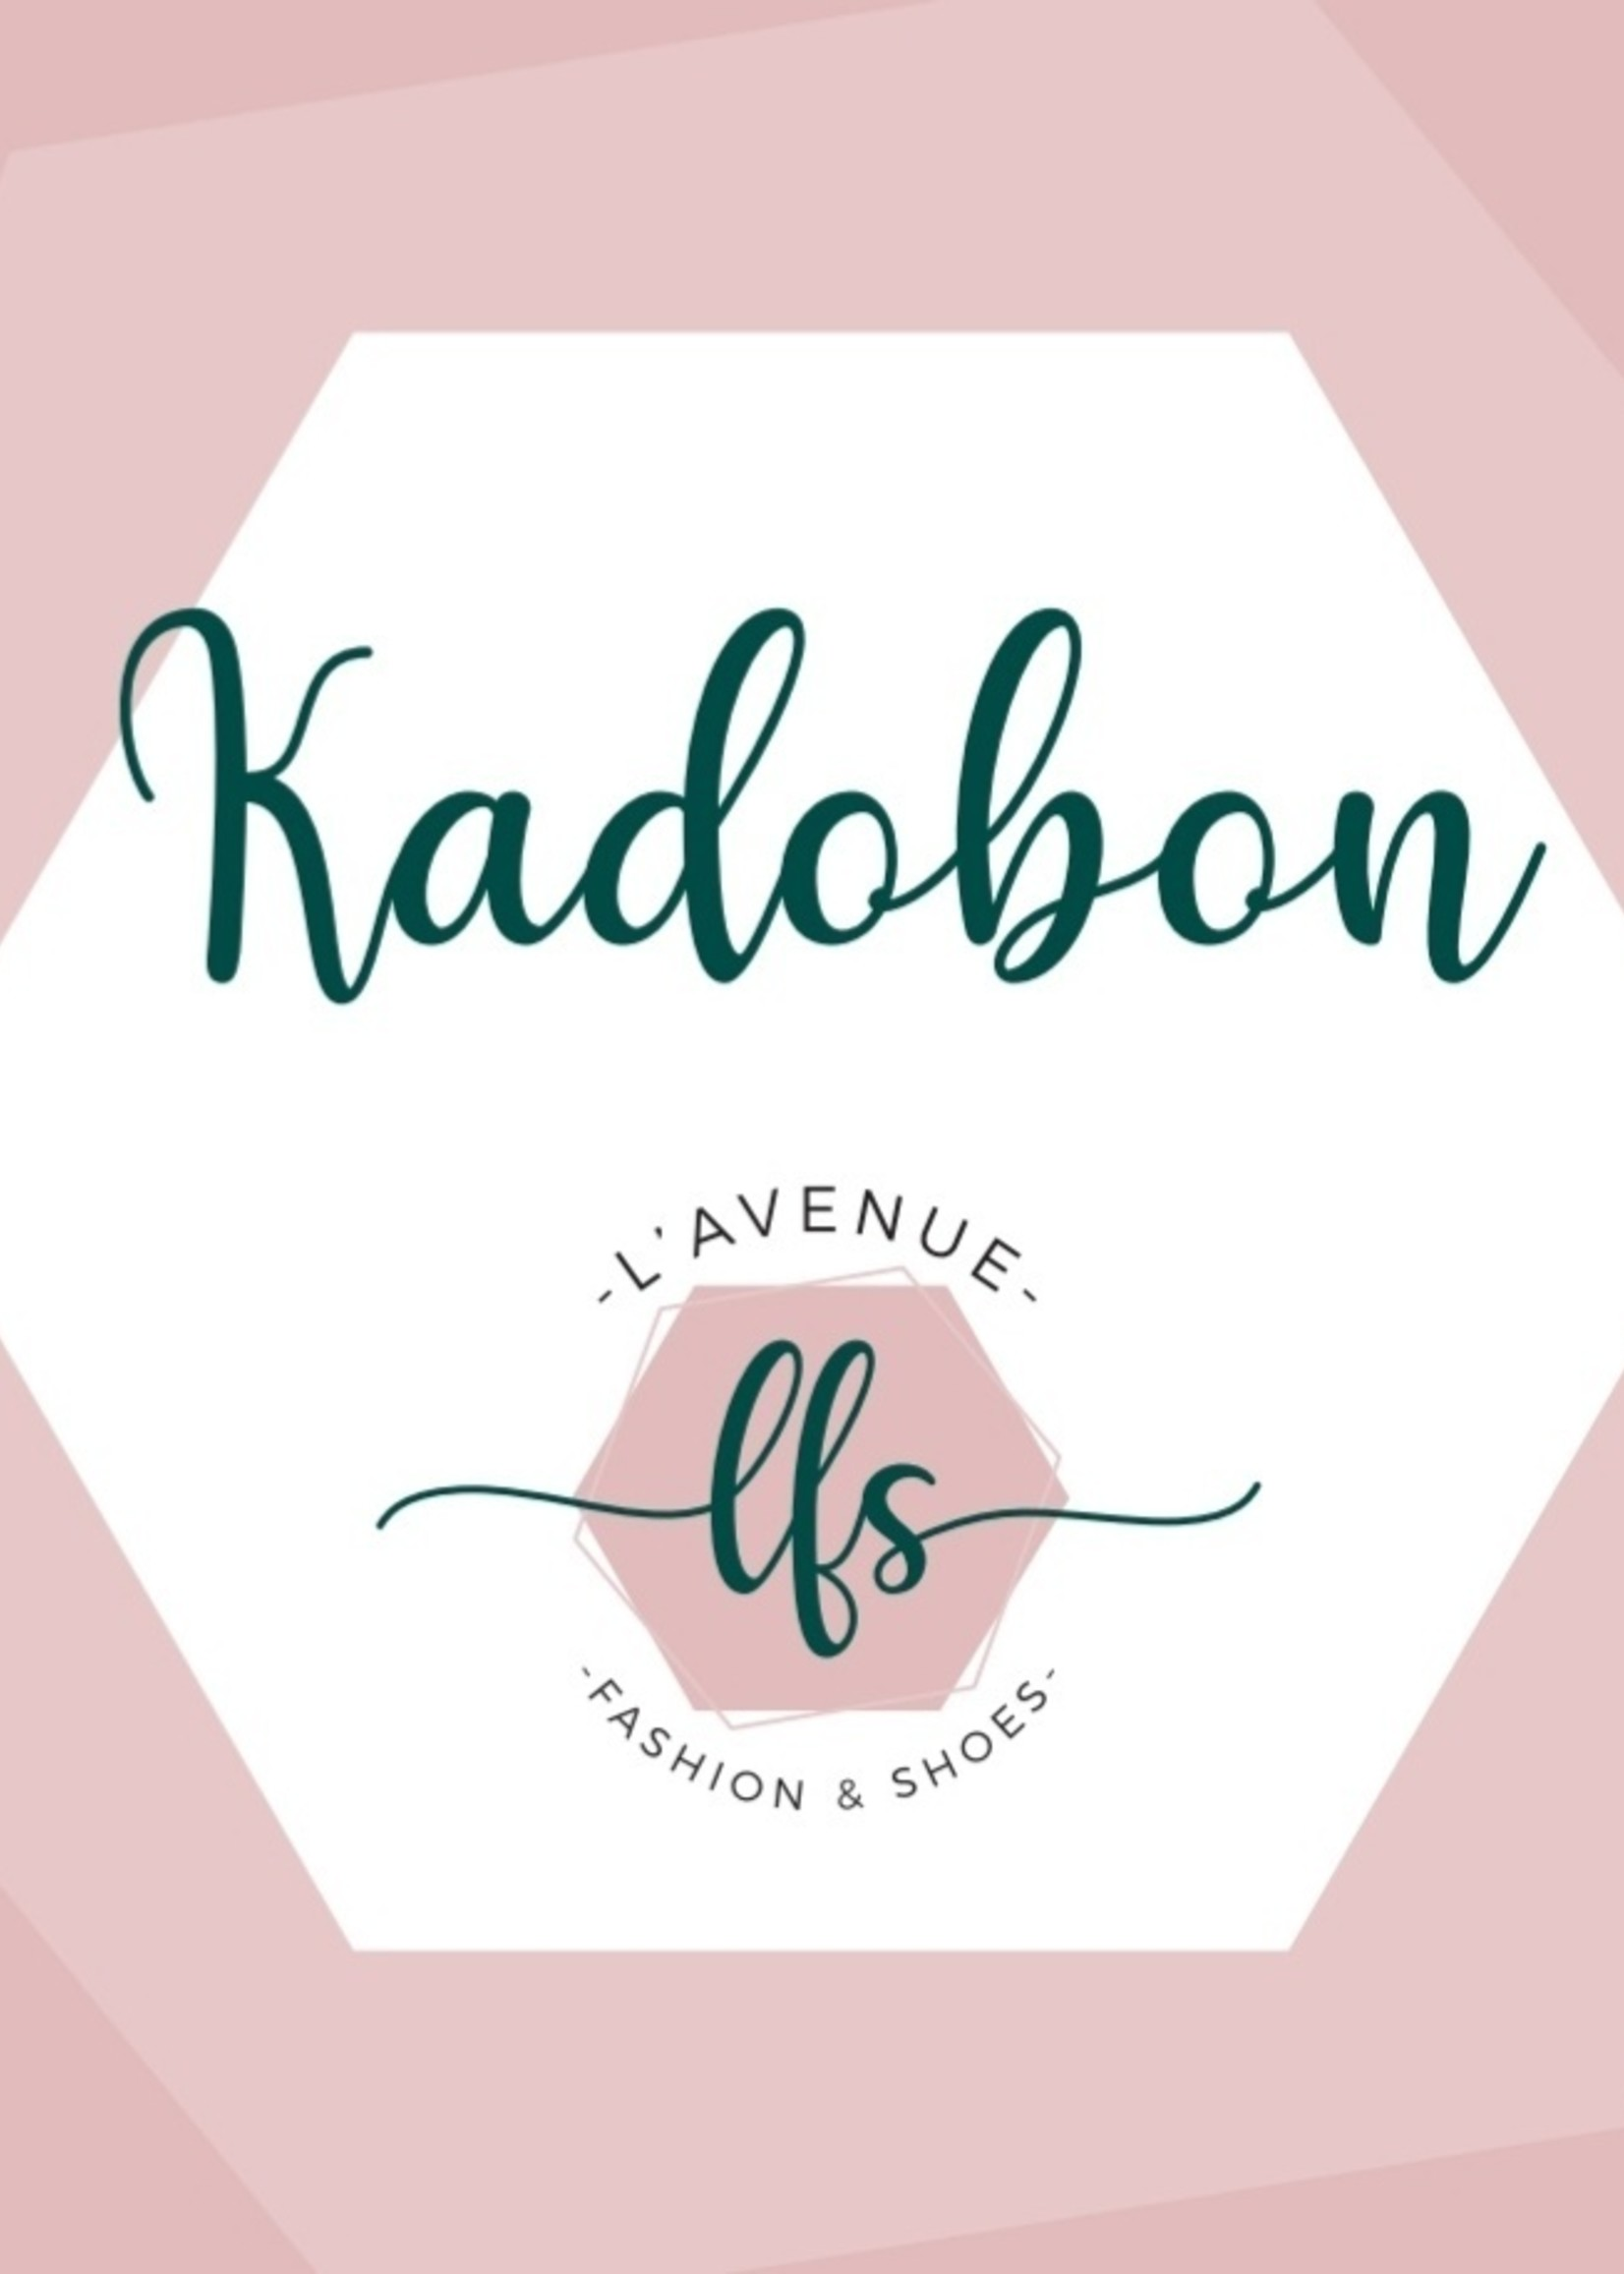 Kadobon 50